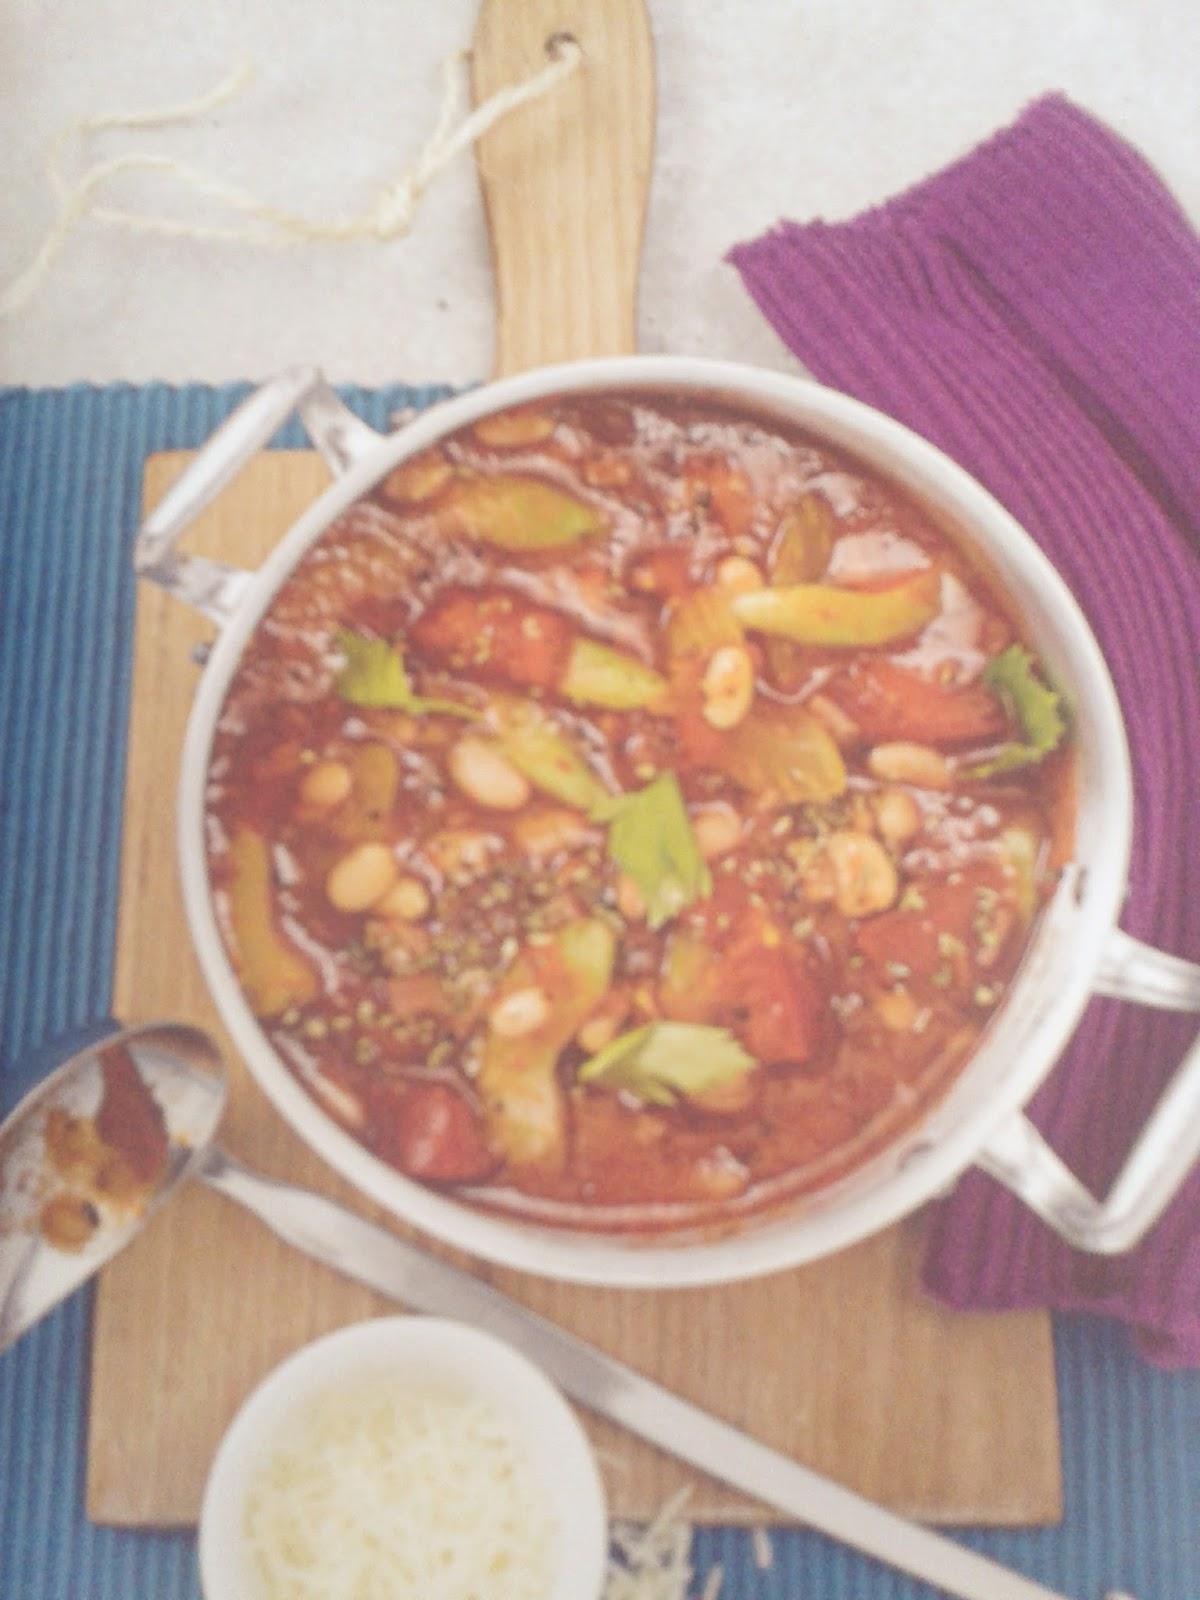 Schnelle Küche Für Jeden Tag | Kochbuch Schnelle Gerichte Fur Jeden Tag Rezepte Kochbuch Band 1